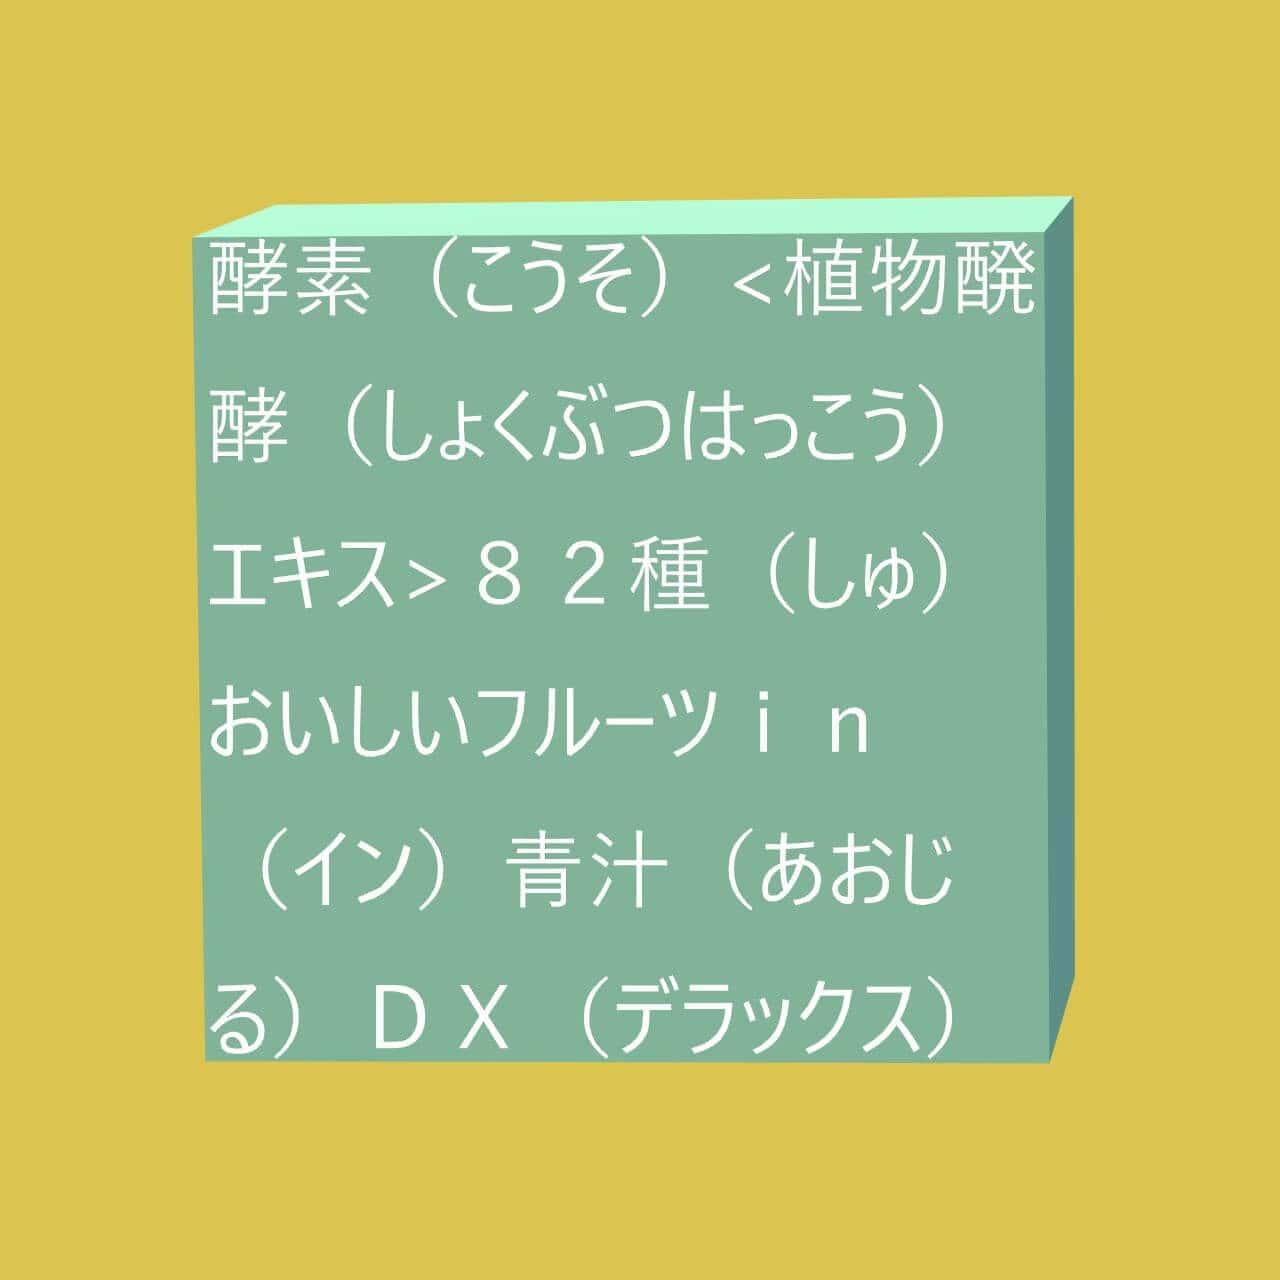 酵素(こうそ)82種(しゅ)おいしいフルーツin(イン)青汁(あおじる)DX(デラックス)の箱(はこ)の側面(そくめん)や、底面(ていめん)などにかかる画像(がぞう)